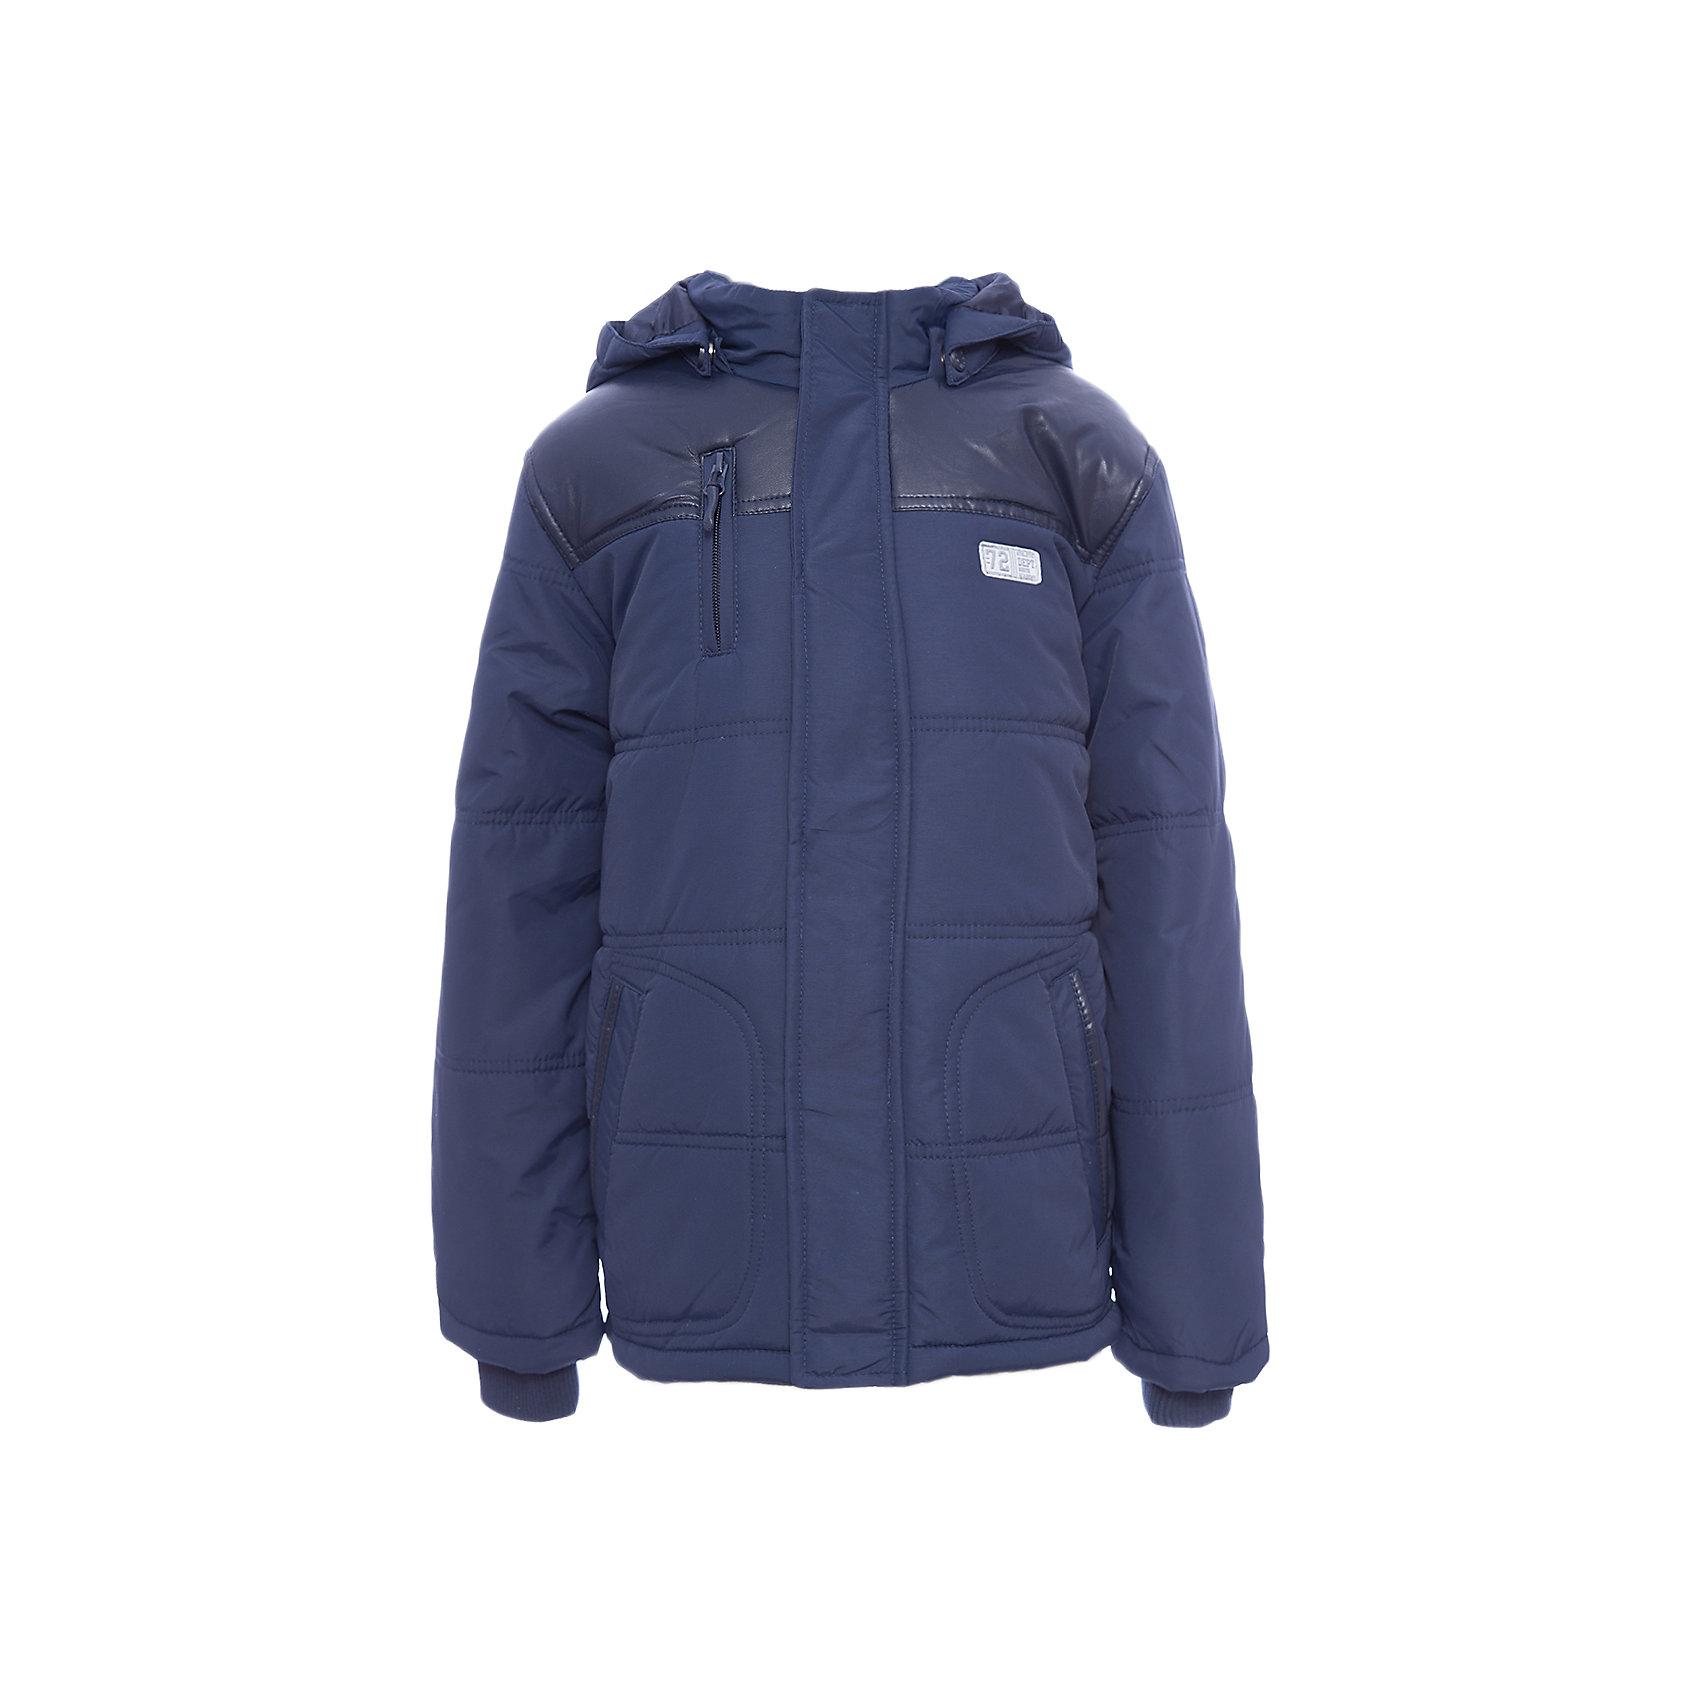 Куртка для мальчика ScoolВерхняя одежда<br>Куртка для мальчика Scool<br>Практичная утепленная стеганая куртка с капюшоном из ткани со специальной водоотталкивающей пропиткой защитит ребенка в любую погоду! Высокий воротник из мягкого трикотажа. Плечи и окантовка карманов декорированы вставкой из искусственной кожи в цвет куртки. Рукава с мягкими трикотажными манжетами для дополнительного сохранения тепла. Капюшон закреплен на удобных застежках - кнопках, дополнительно снабжен мягкими резинками  - даже в активной игре капюшон не упадет с головы ребенка.Преимущества: Ткань с водоотталкивающей пропиткойСветоотражающие элементы на рукаве и по низу изделияВысокий воротник и манжеты из мягкой трикотажной ткани<br>Состав:<br>Верх: 100% нейлон, подкладка: 100% полиэстер, наполнитель: 100% полиэстер, 250 г/м2<br><br>Ширина мм: 356<br>Глубина мм: 10<br>Высота мм: 245<br>Вес г: 519<br>Цвет: темно-синий<br>Возраст от месяцев: 156<br>Возраст до месяцев: 168<br>Пол: Мужской<br>Возраст: Детский<br>Размер: 164,128,134,140,146,152,158<br>SKU: 6754348